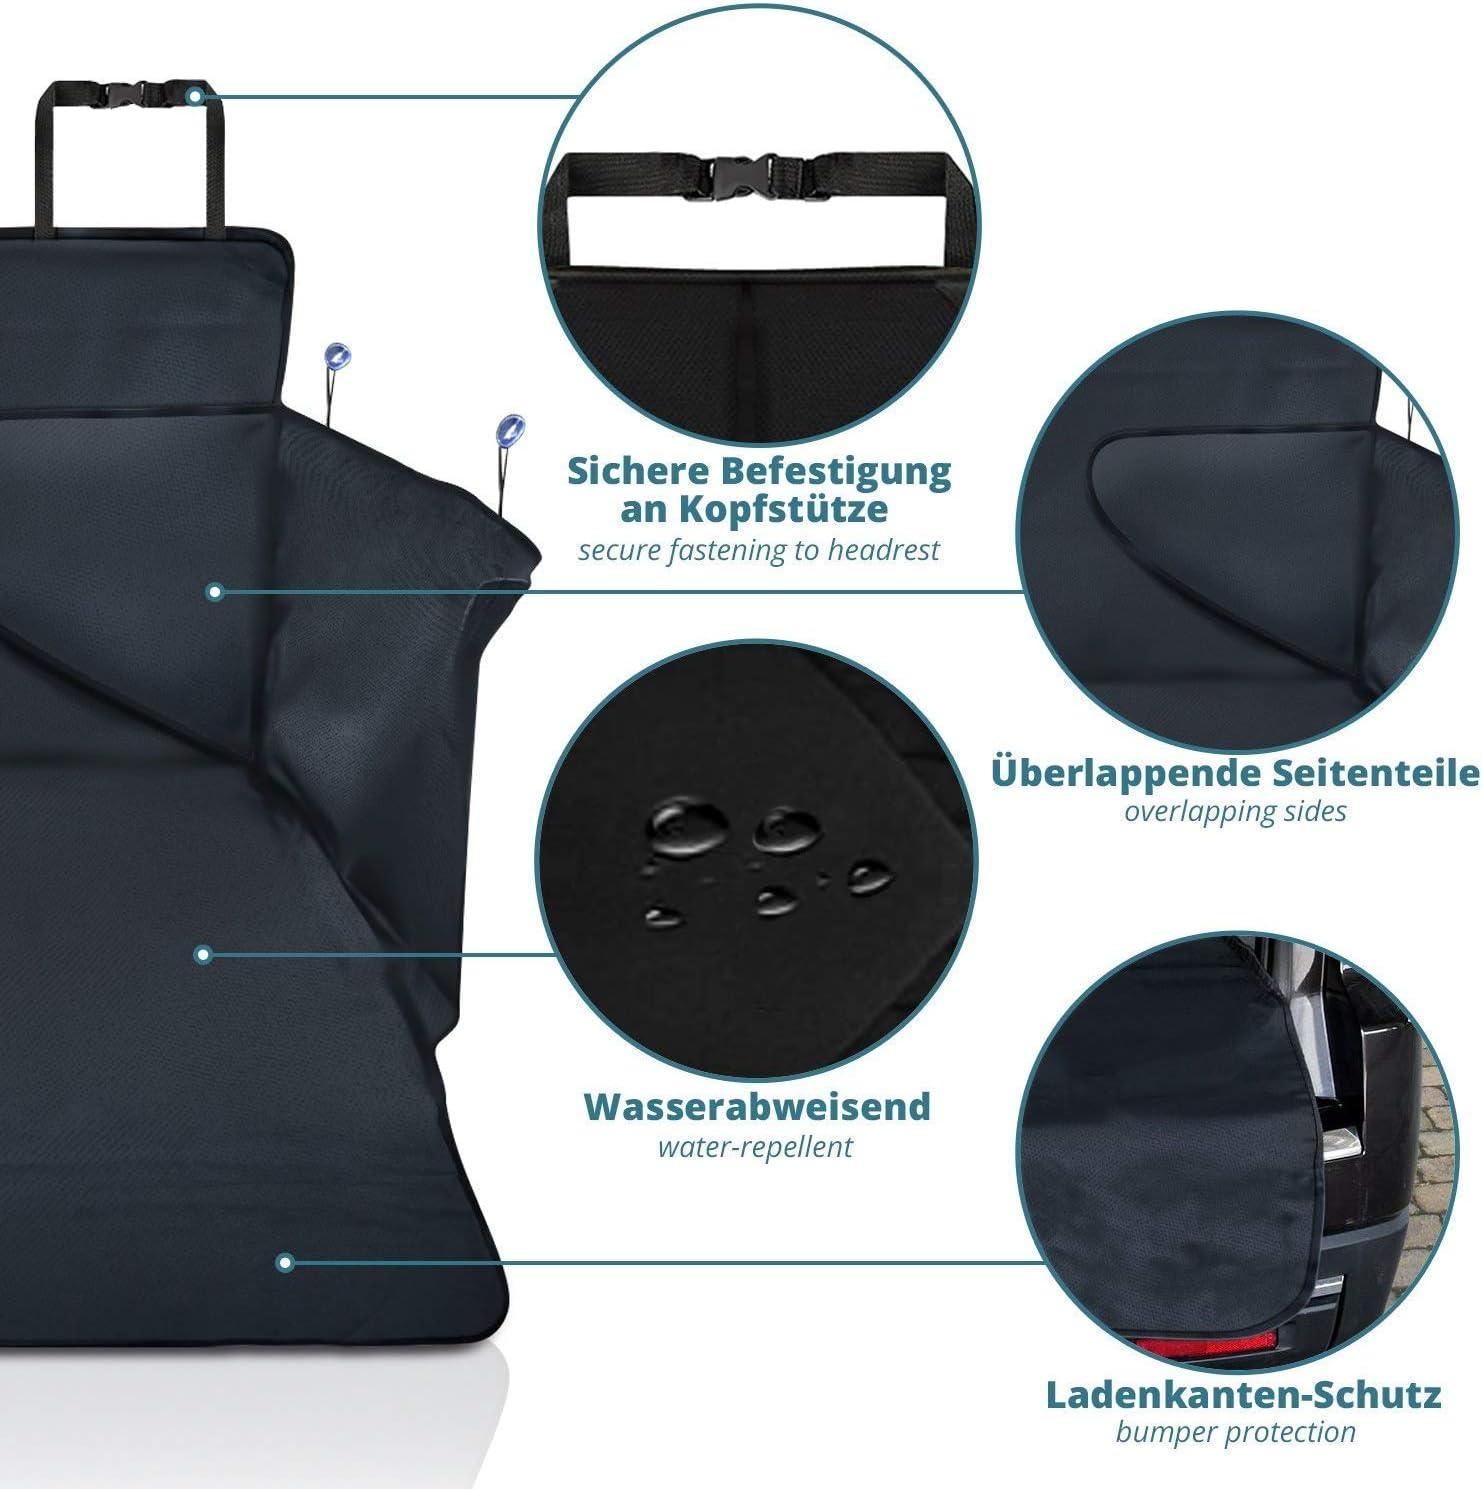 185 * 105 * 36 cm Tapis de Protection matelass/é Universel Mat/ériau antid/érapant smartpeas Housse de Protection de Coffre pour Chiens